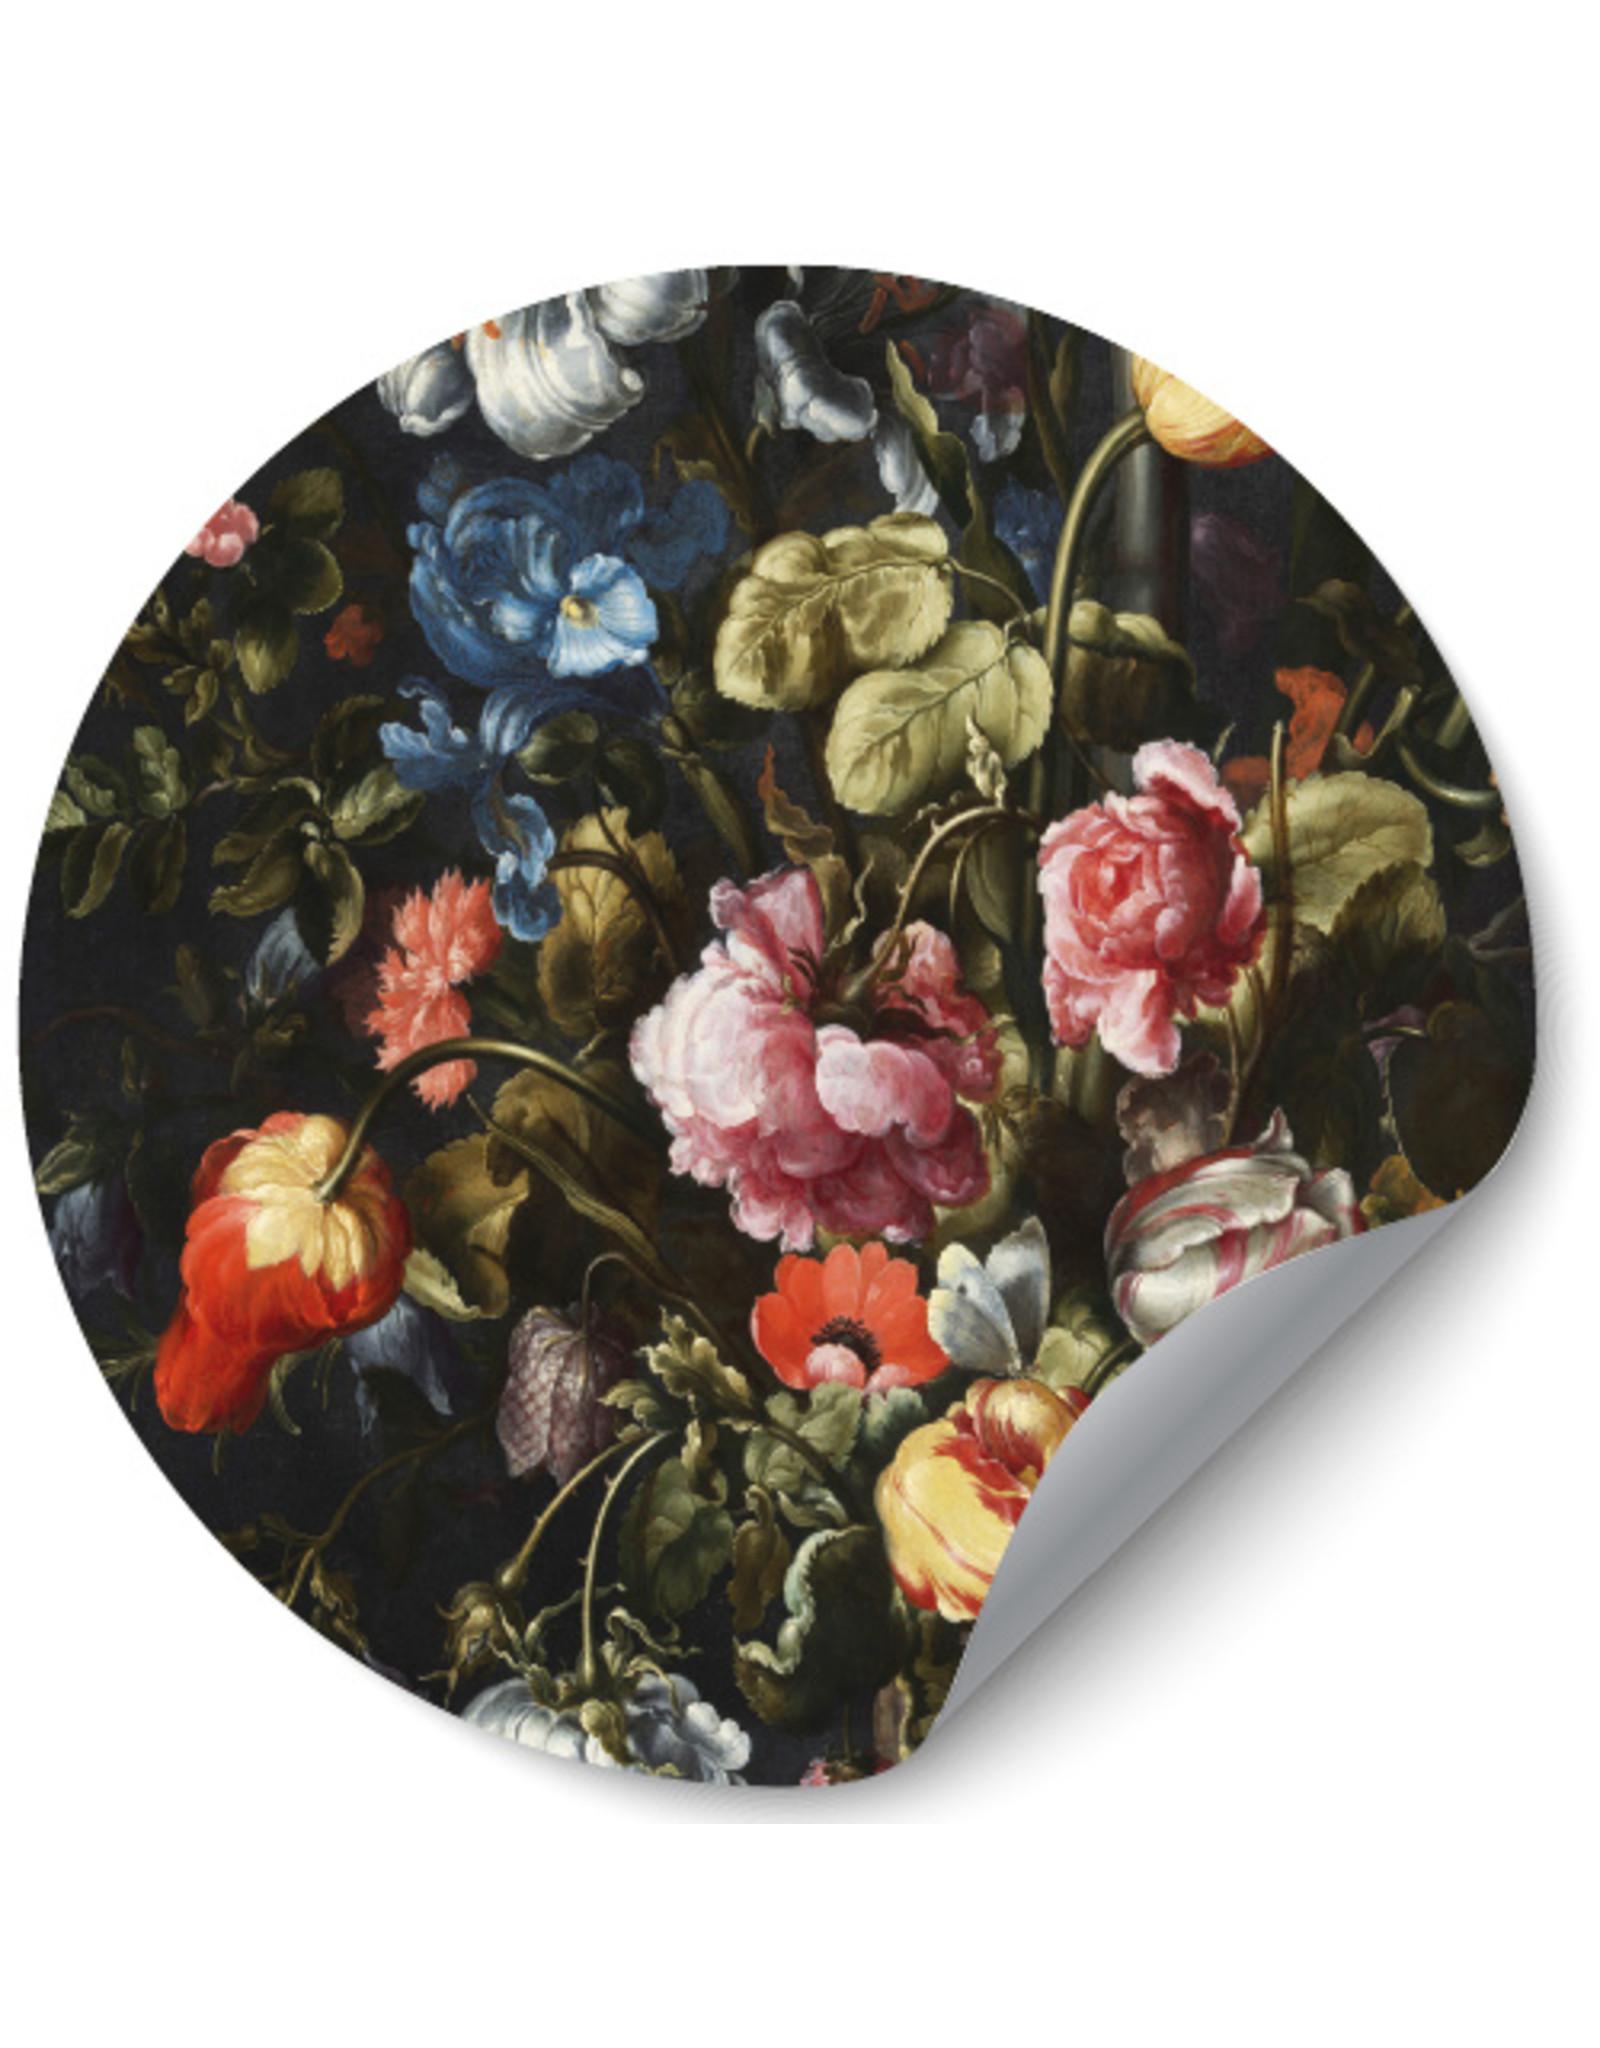 Dunnebier Home Muursticker Bloemen Rijksmuseum - verwijderbaar